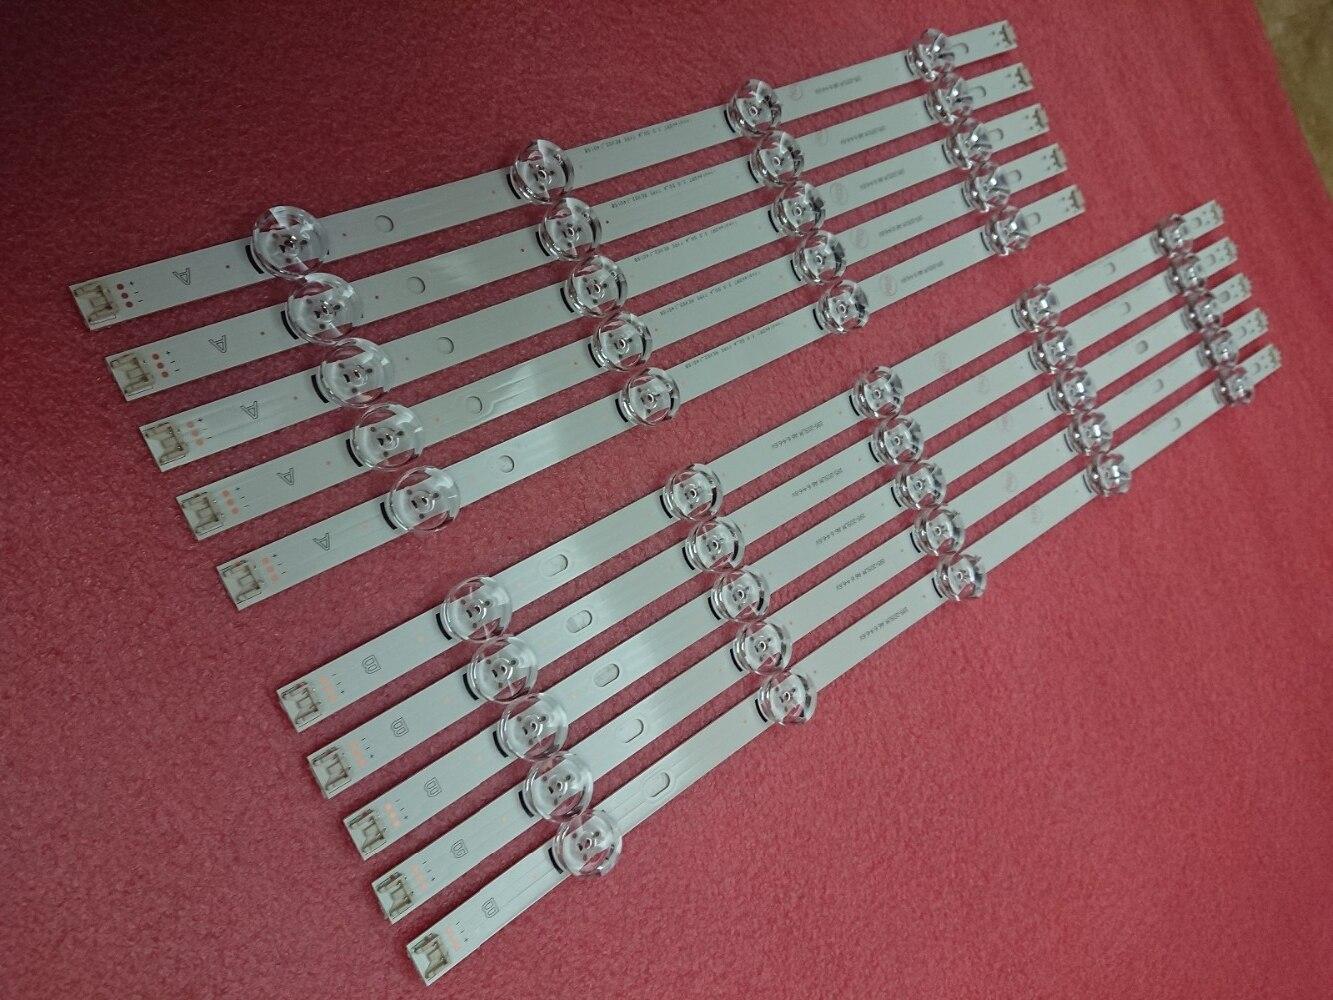 New 10pcs LED backlight strip Replacement for LG 50LB5610 50LB650V 50LB653V 50LF5800 6916L 1978A 1779A 1983A